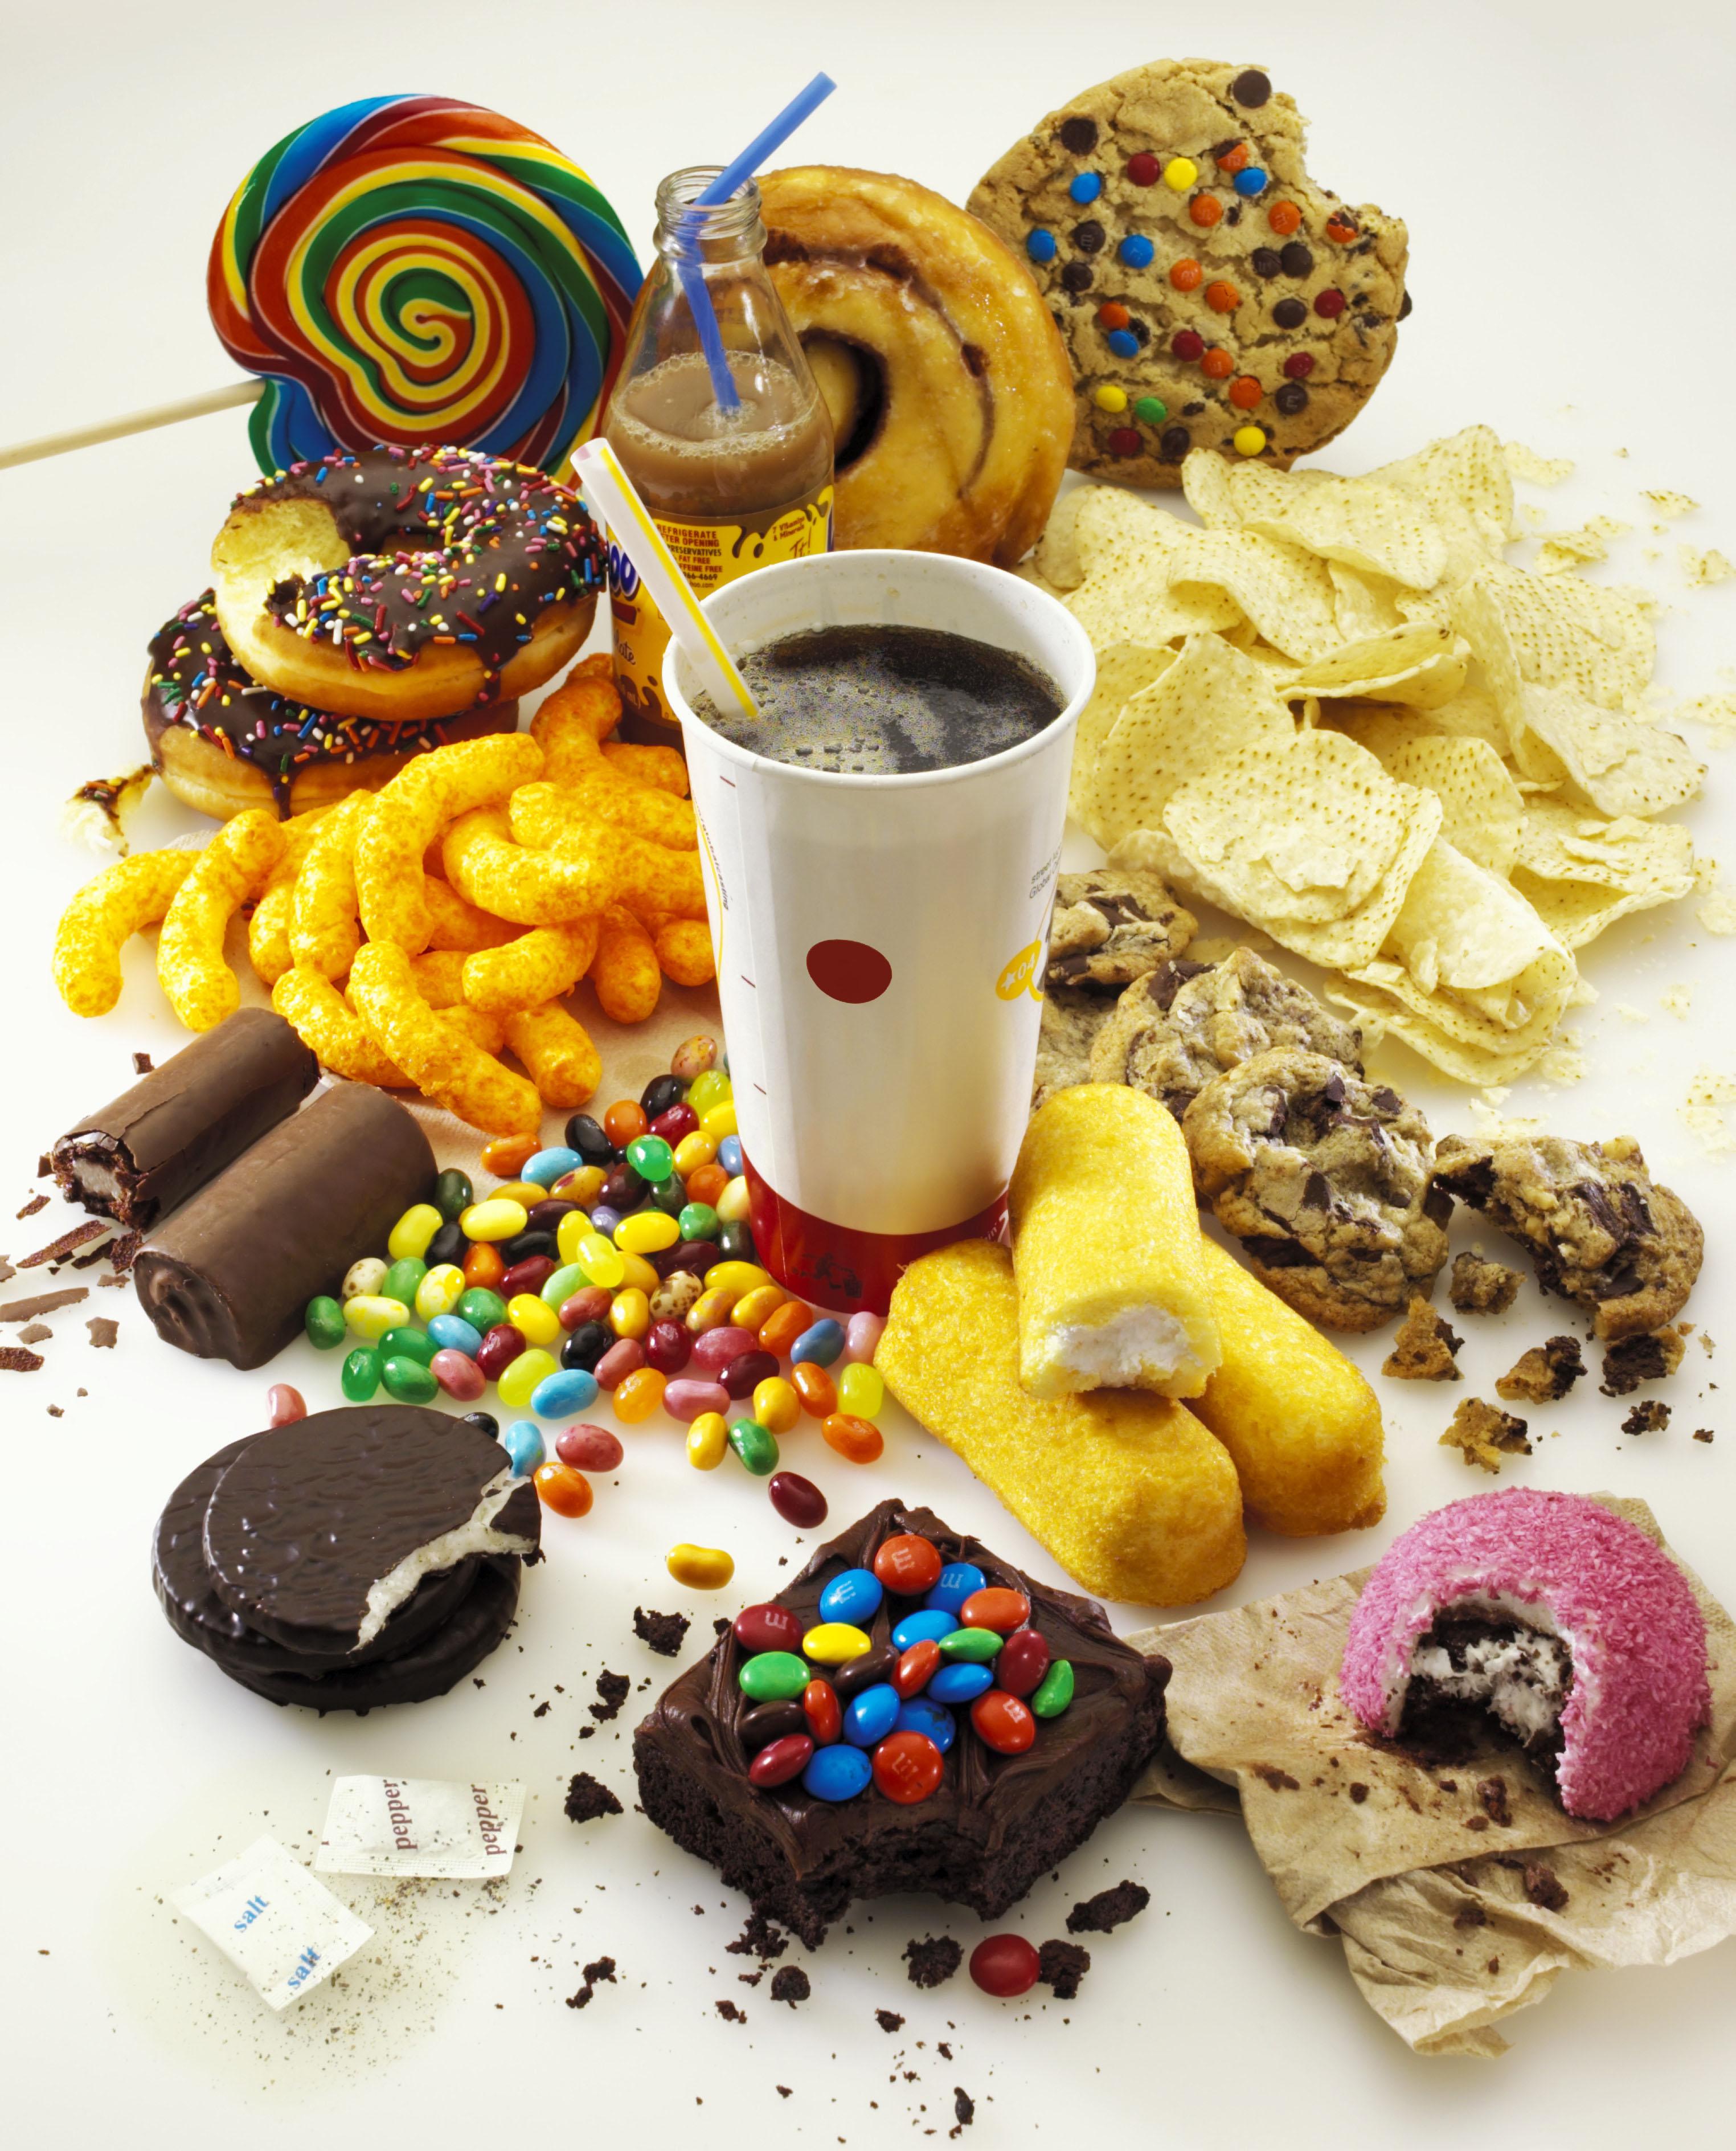 Alimentele procesate, un dezastru pentru sanatatea noastra